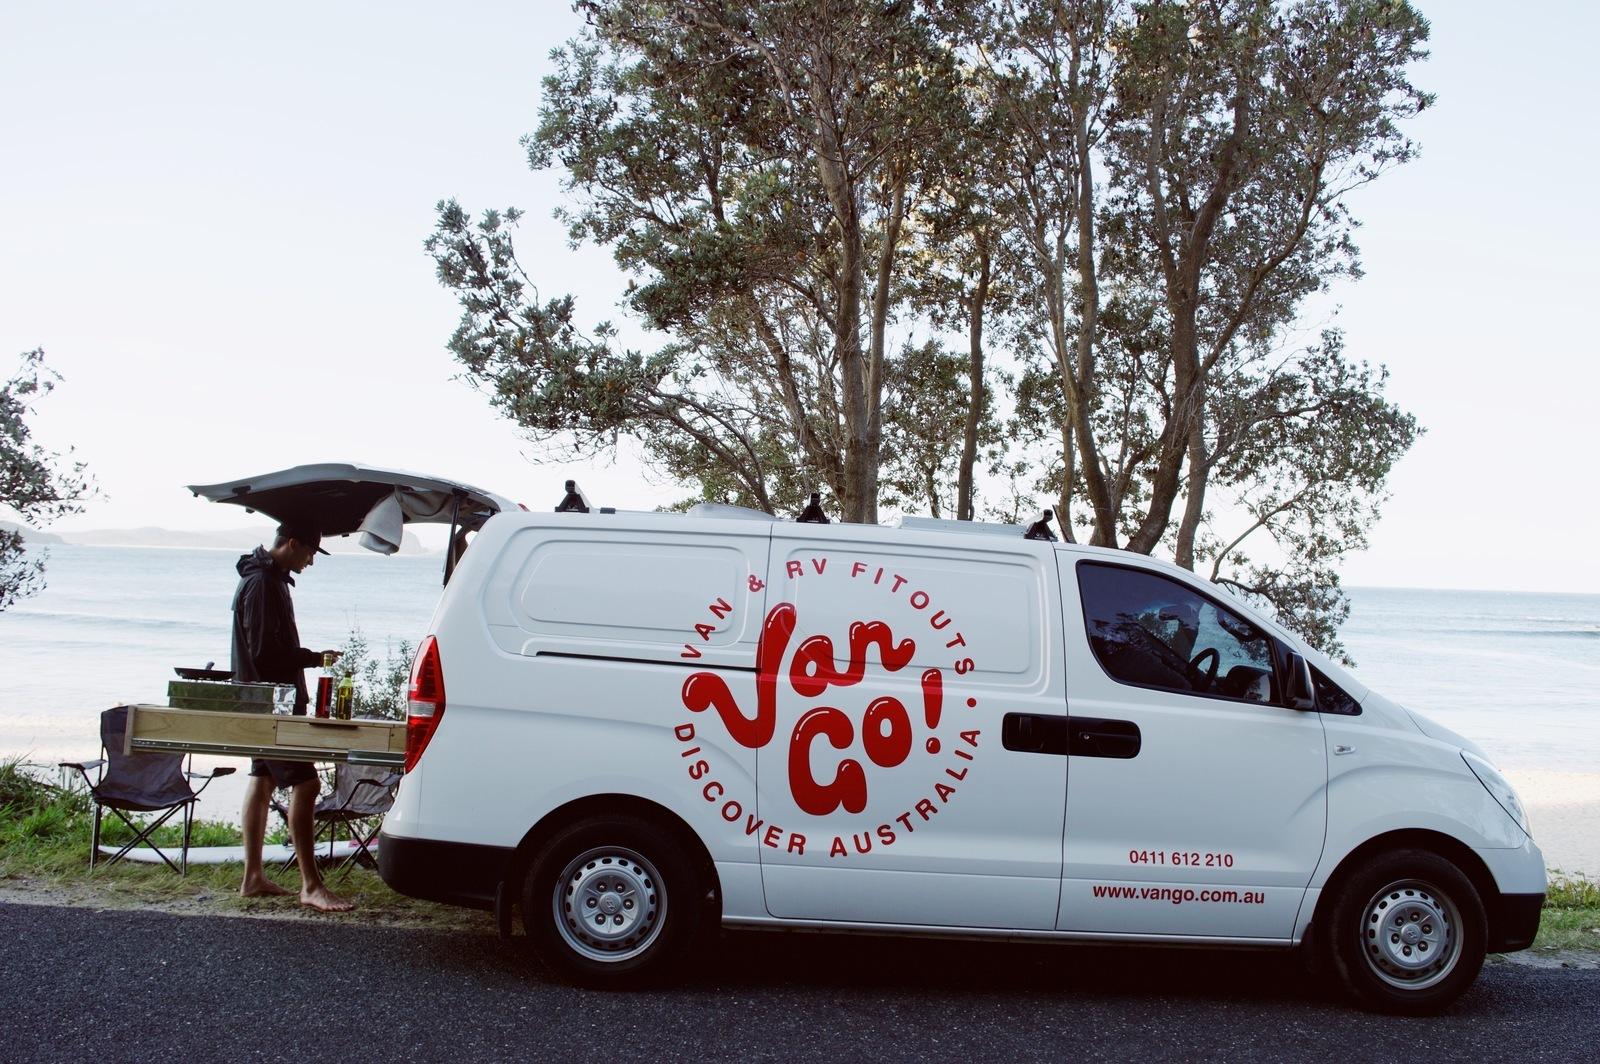 Van Going - Cover Image